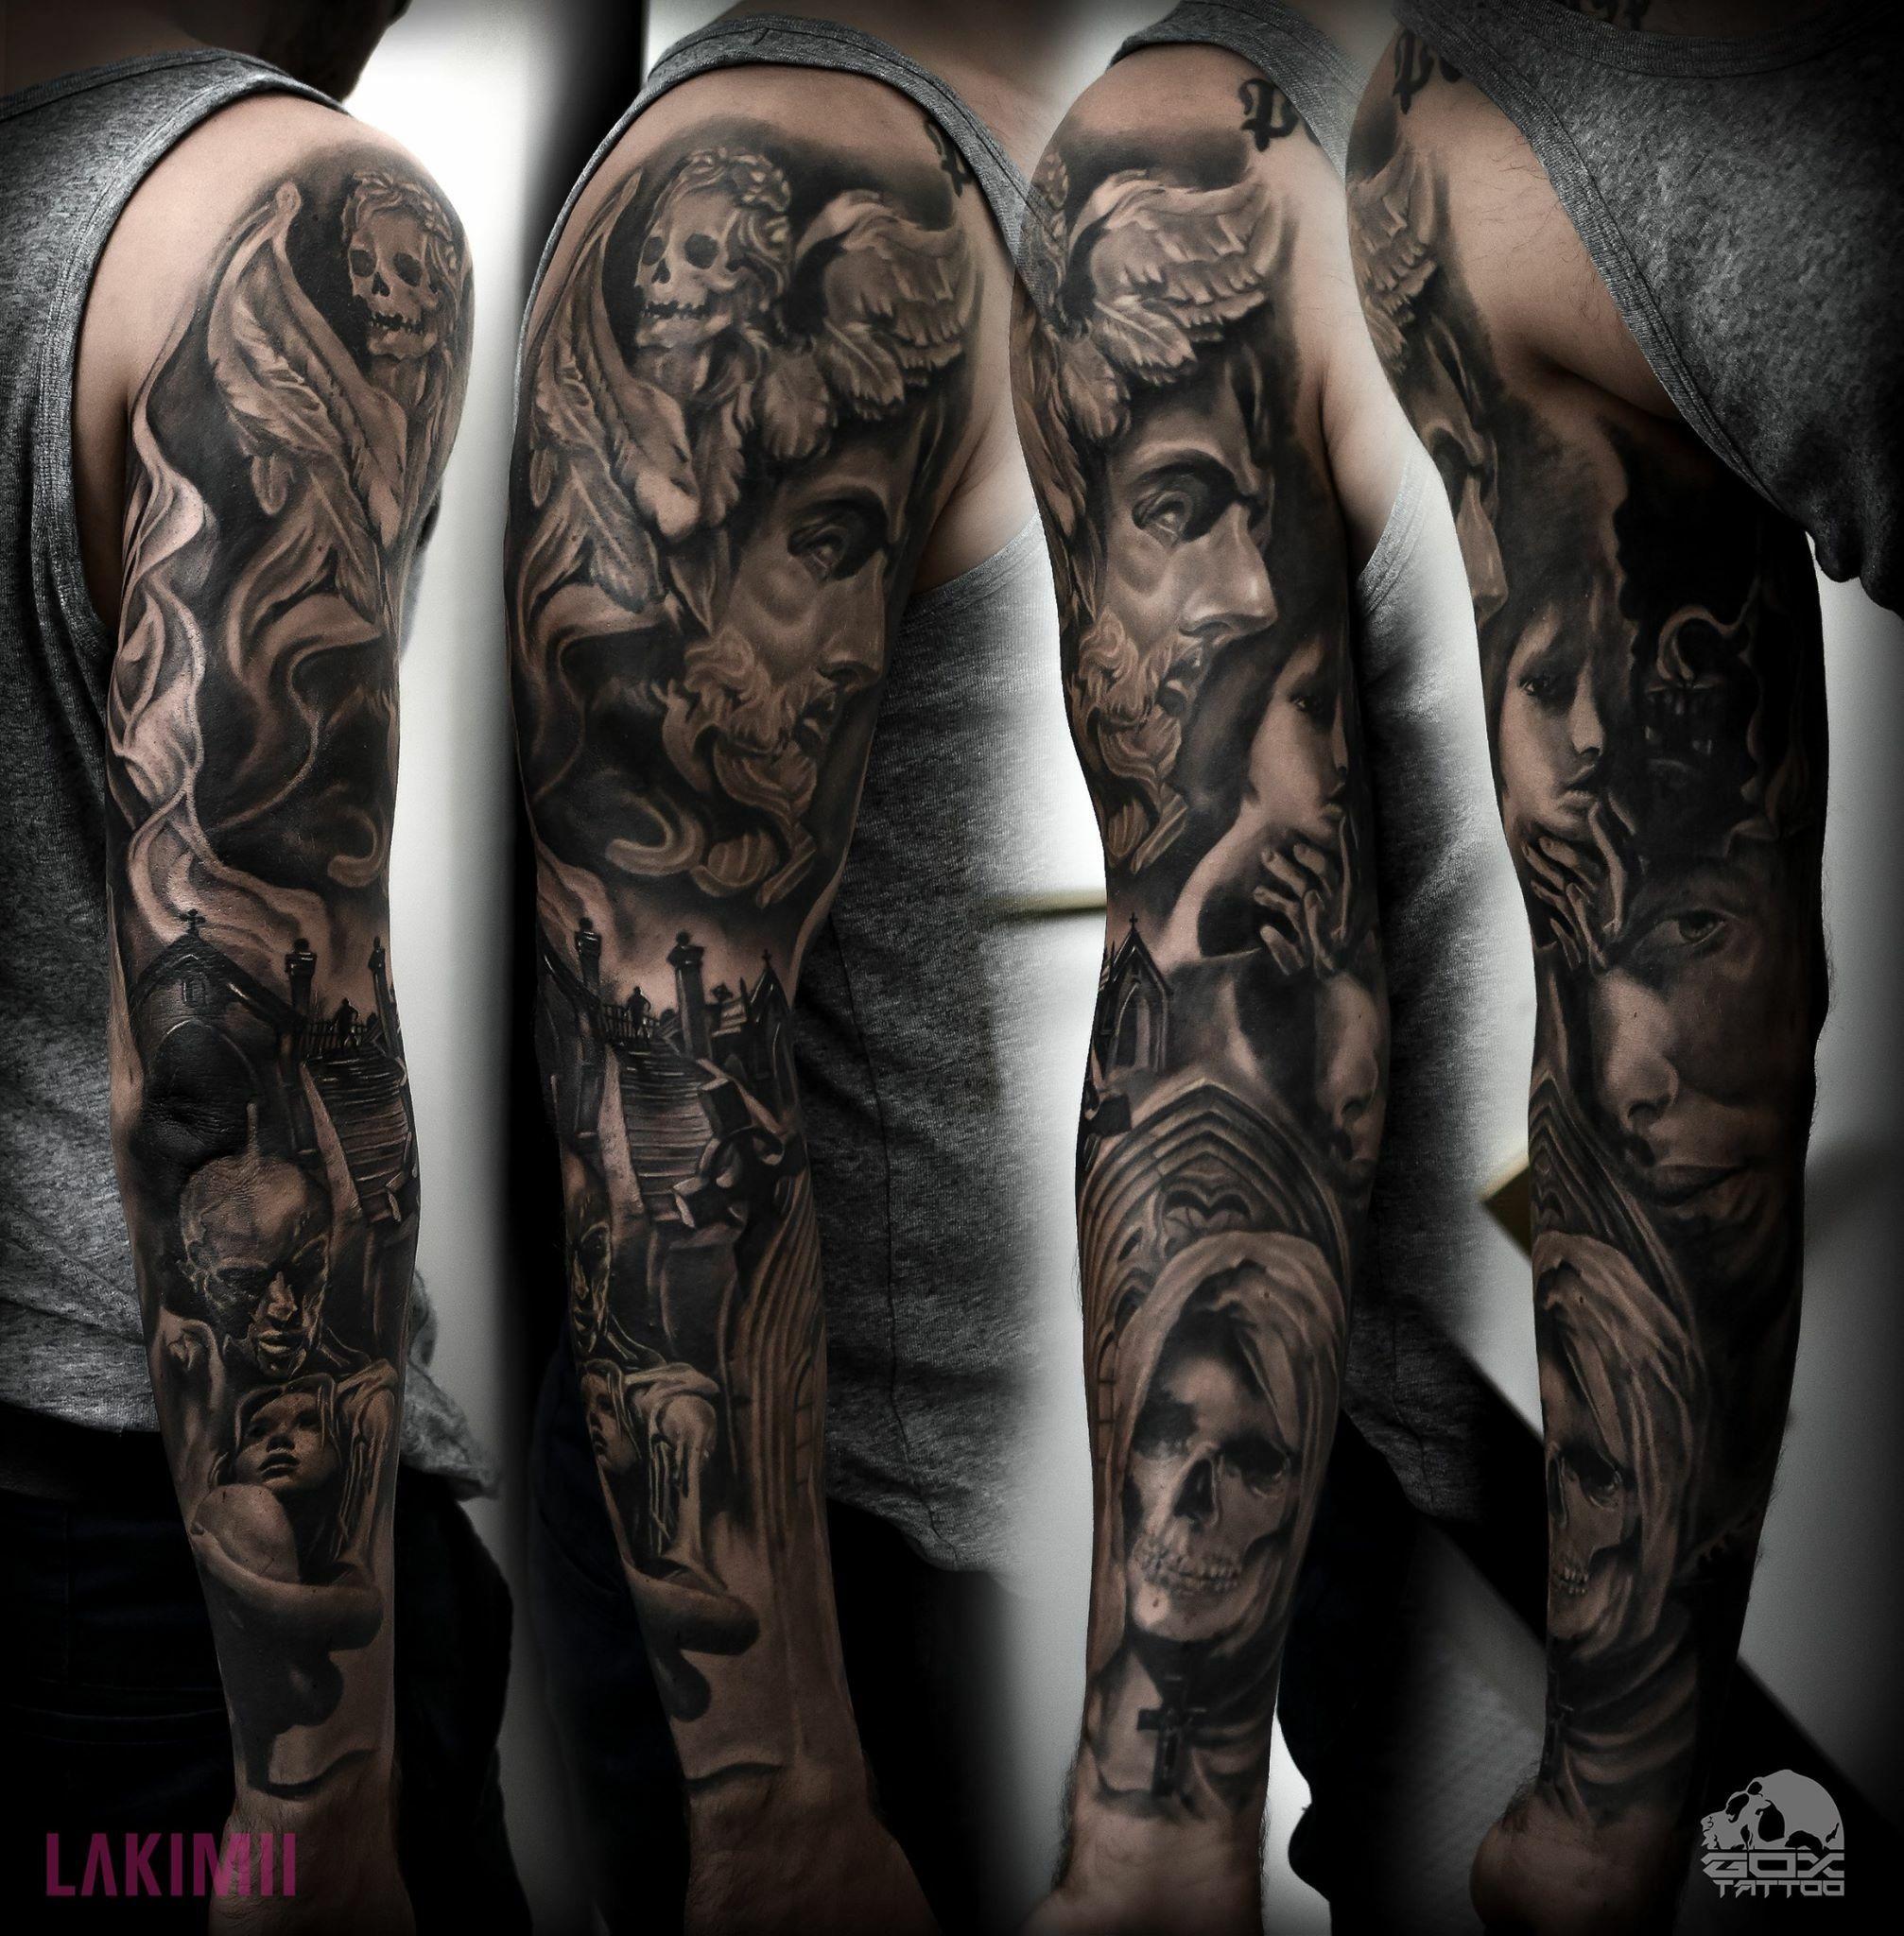 Idea by vedran trlin on ink care organic tattoo tattoos